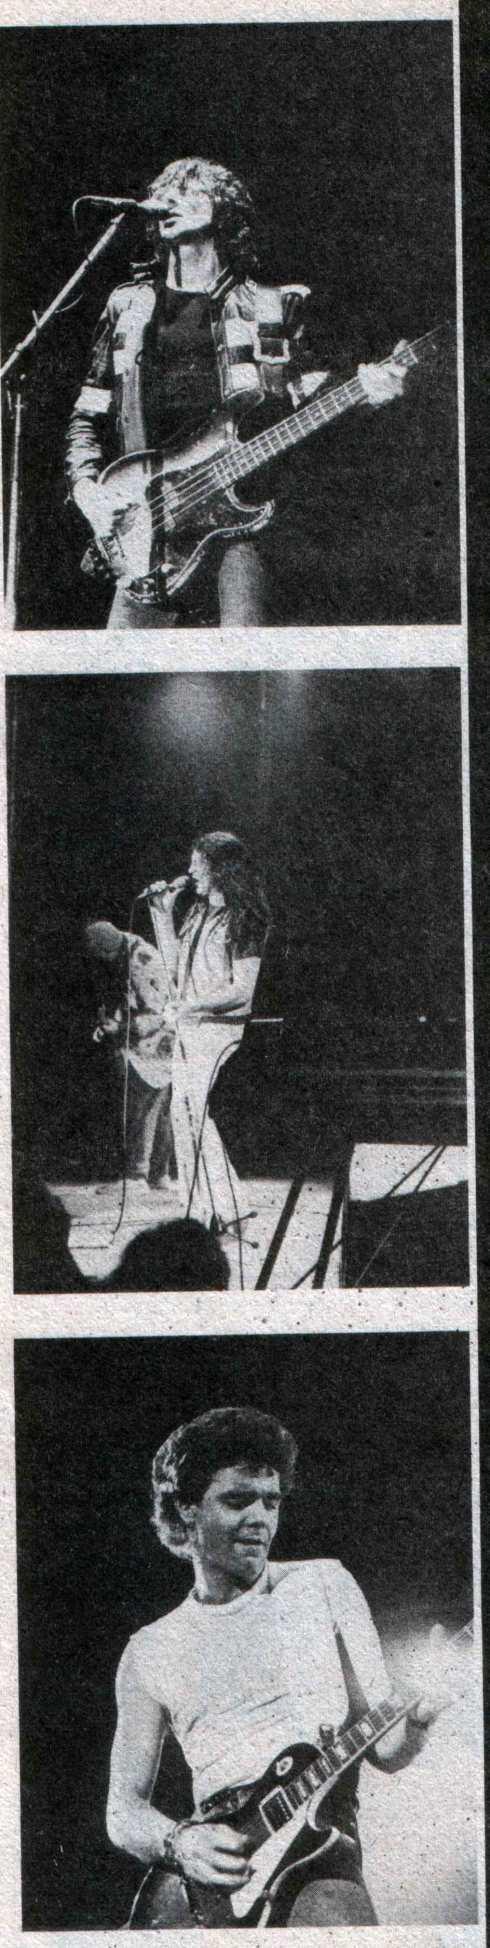 HMOA-festival-Zagreb-1982-03